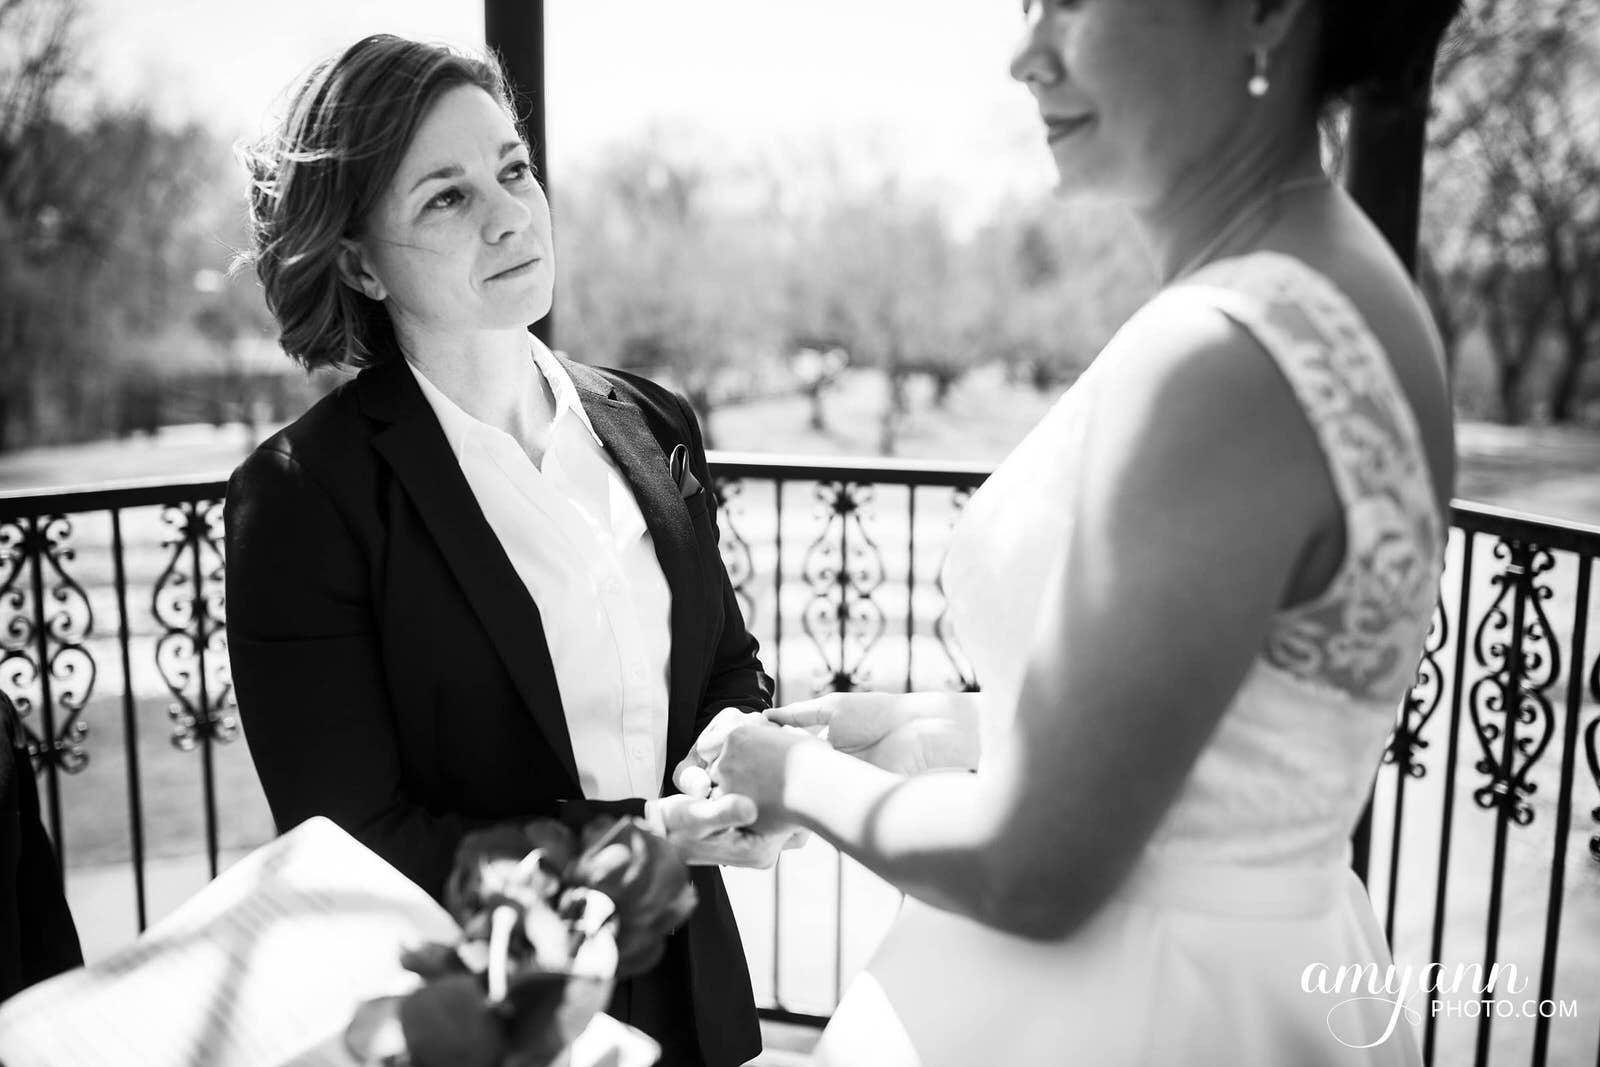 columbus ohio same-sex elopement park of roses wedding